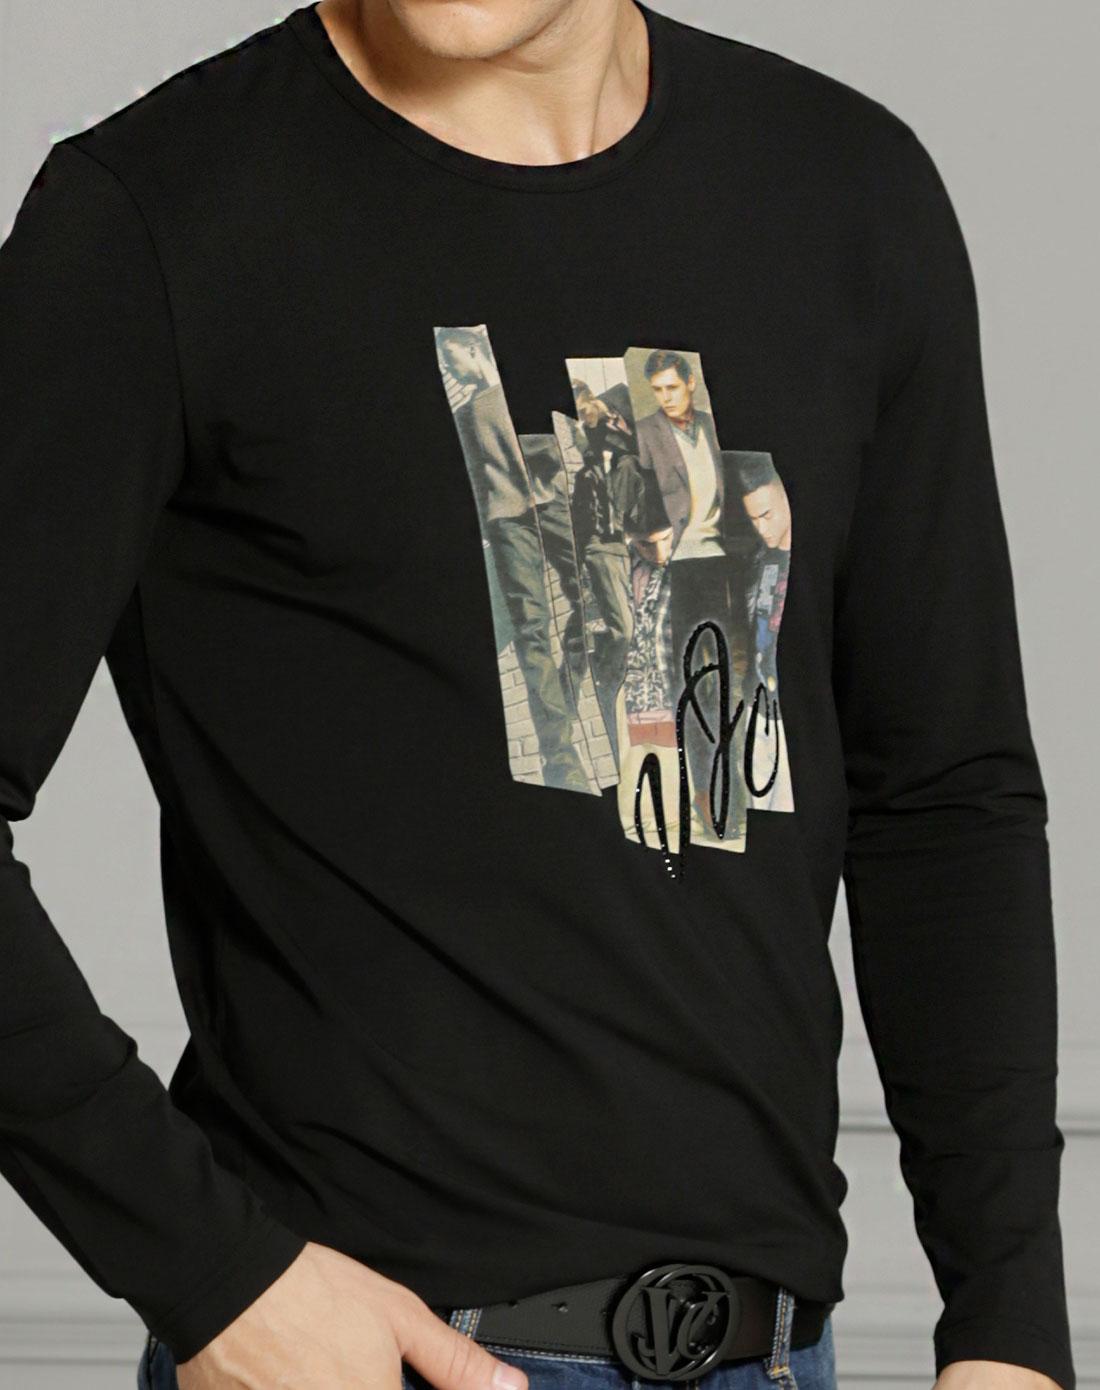 黑色人物印图长袖t恤